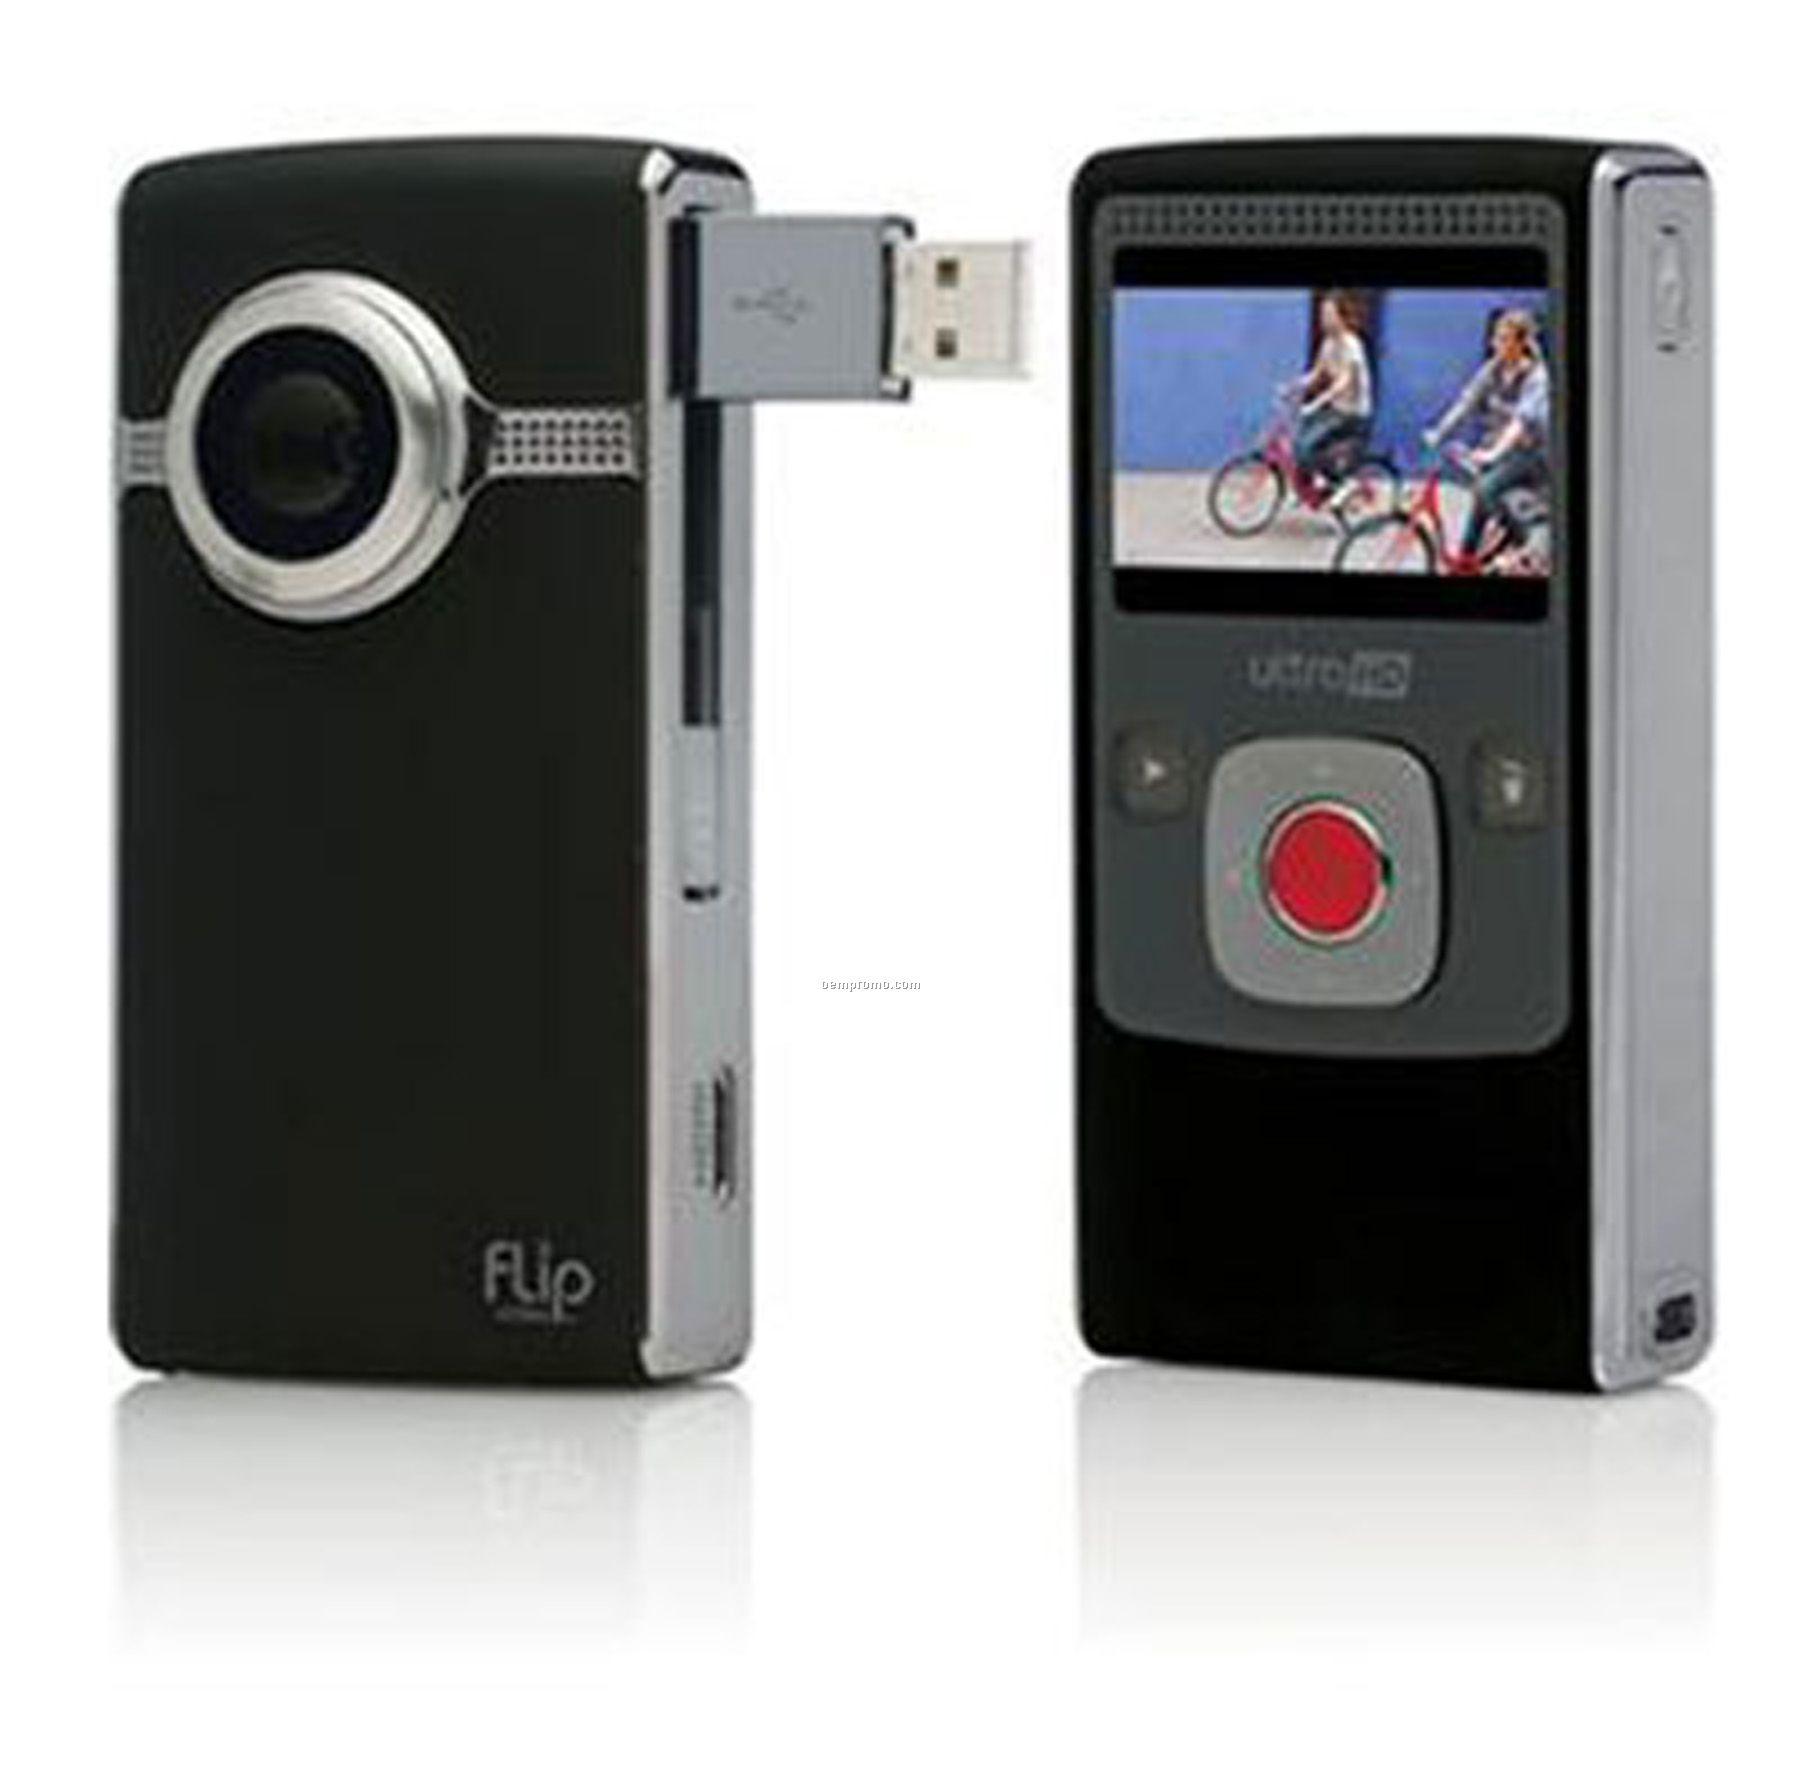 flip video ultra hd high definition digital camcorder china wholesale flip video ultra hd high. Black Bedroom Furniture Sets. Home Design Ideas